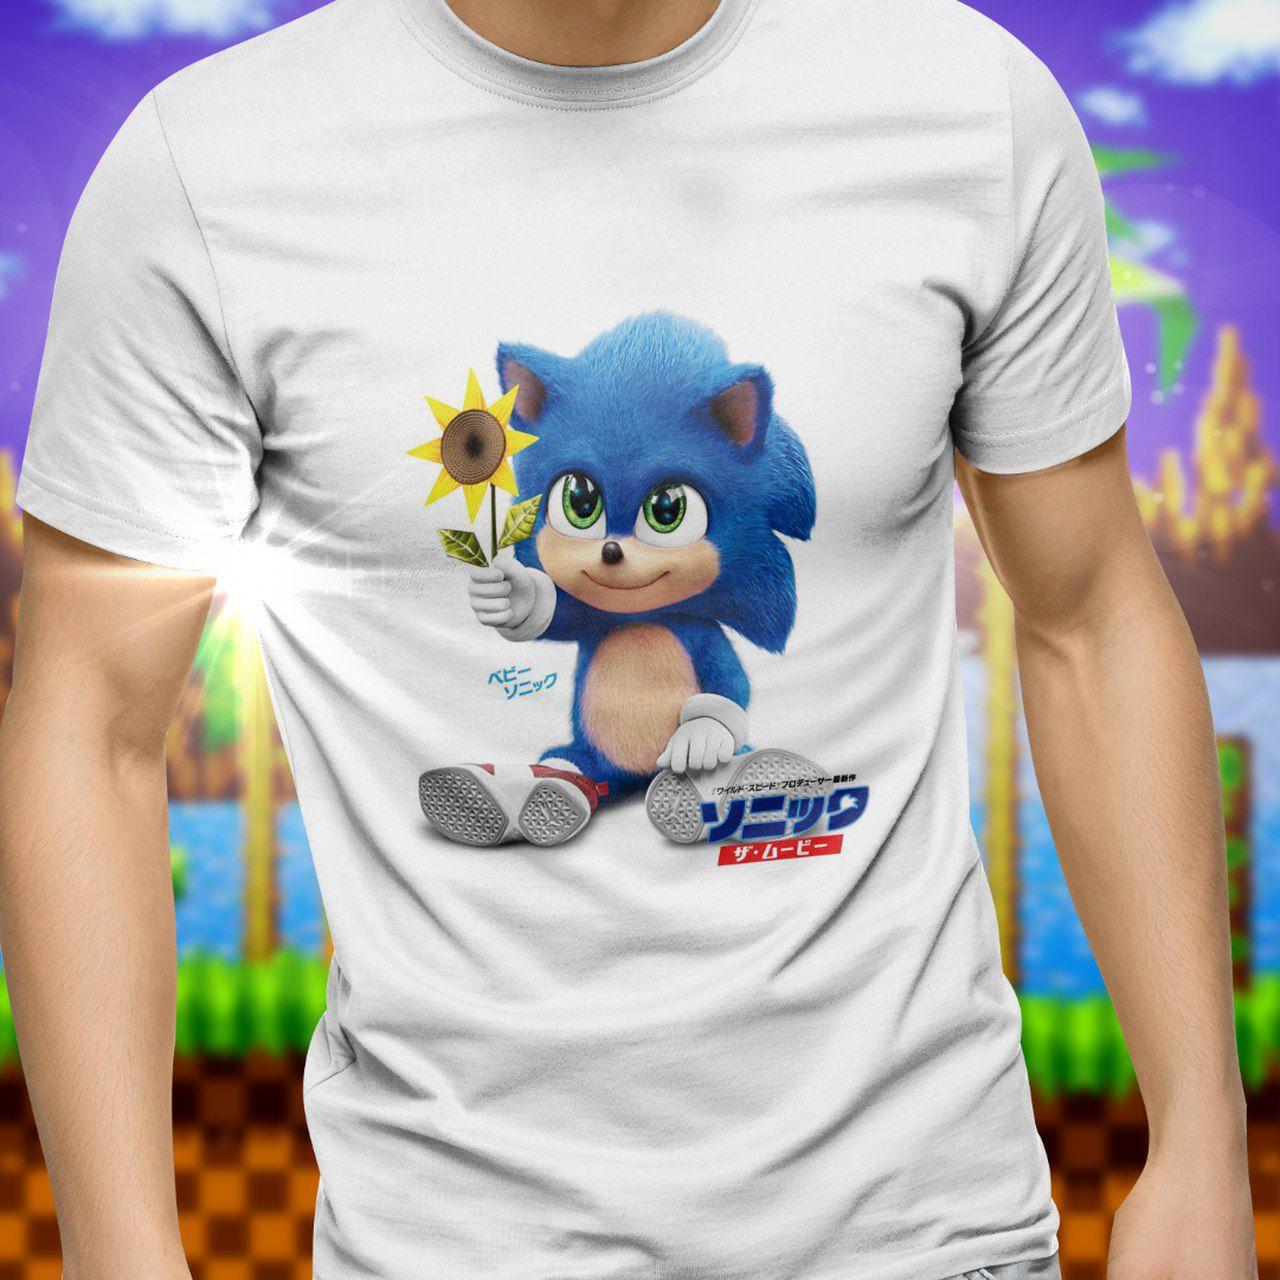 Camiseta Unissex Baby Sonic: Sonic the Hedgehog - Exclusiva ToyShow